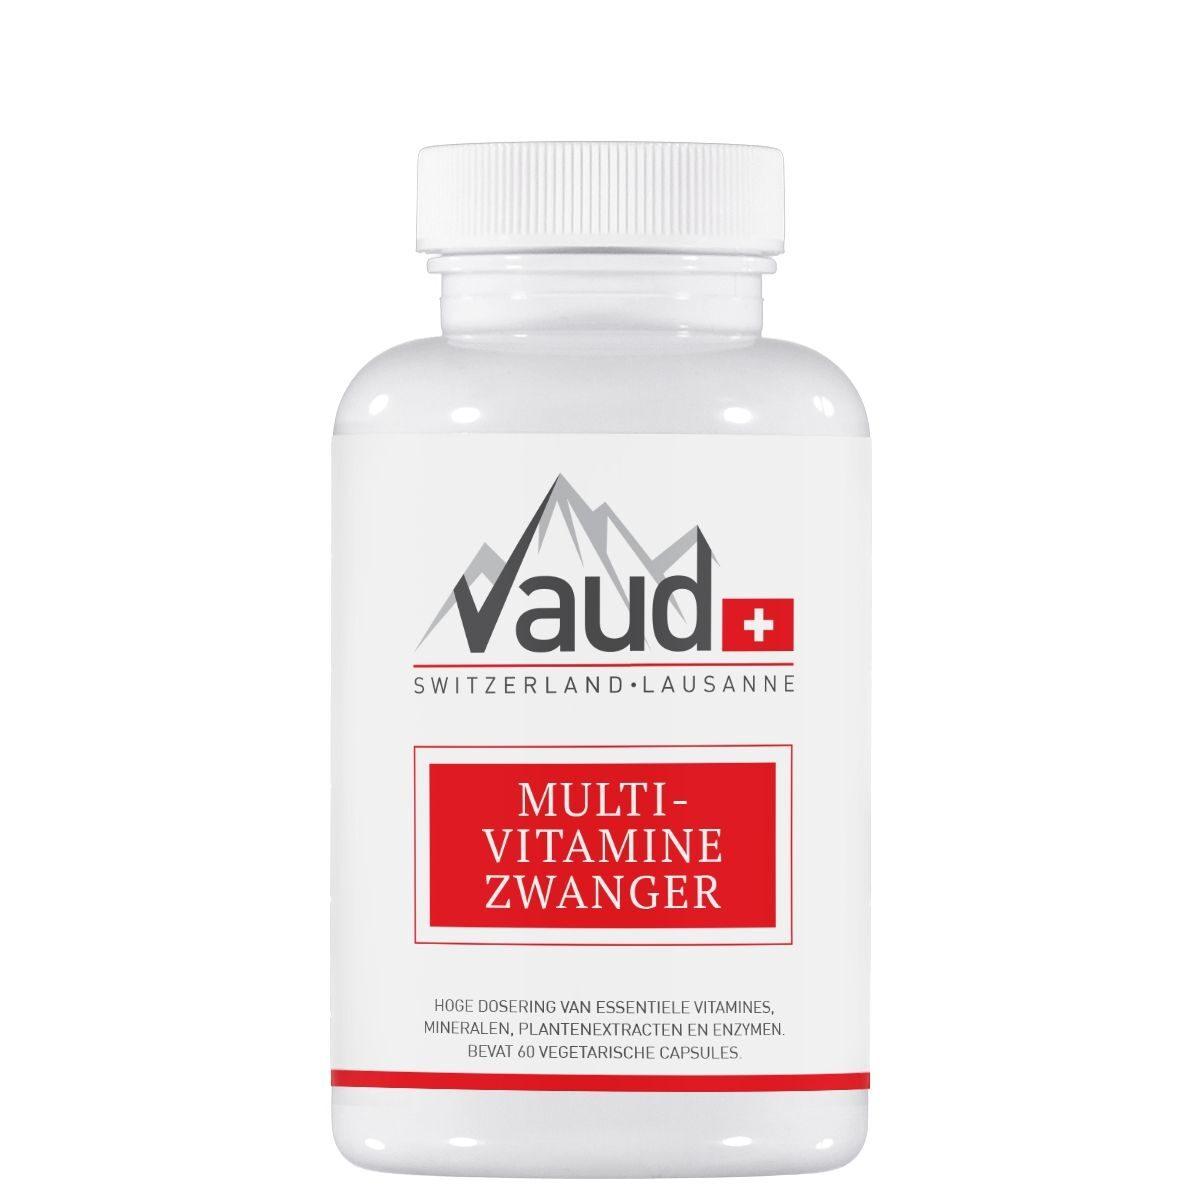 multi-vitamine-zwanger-vaud